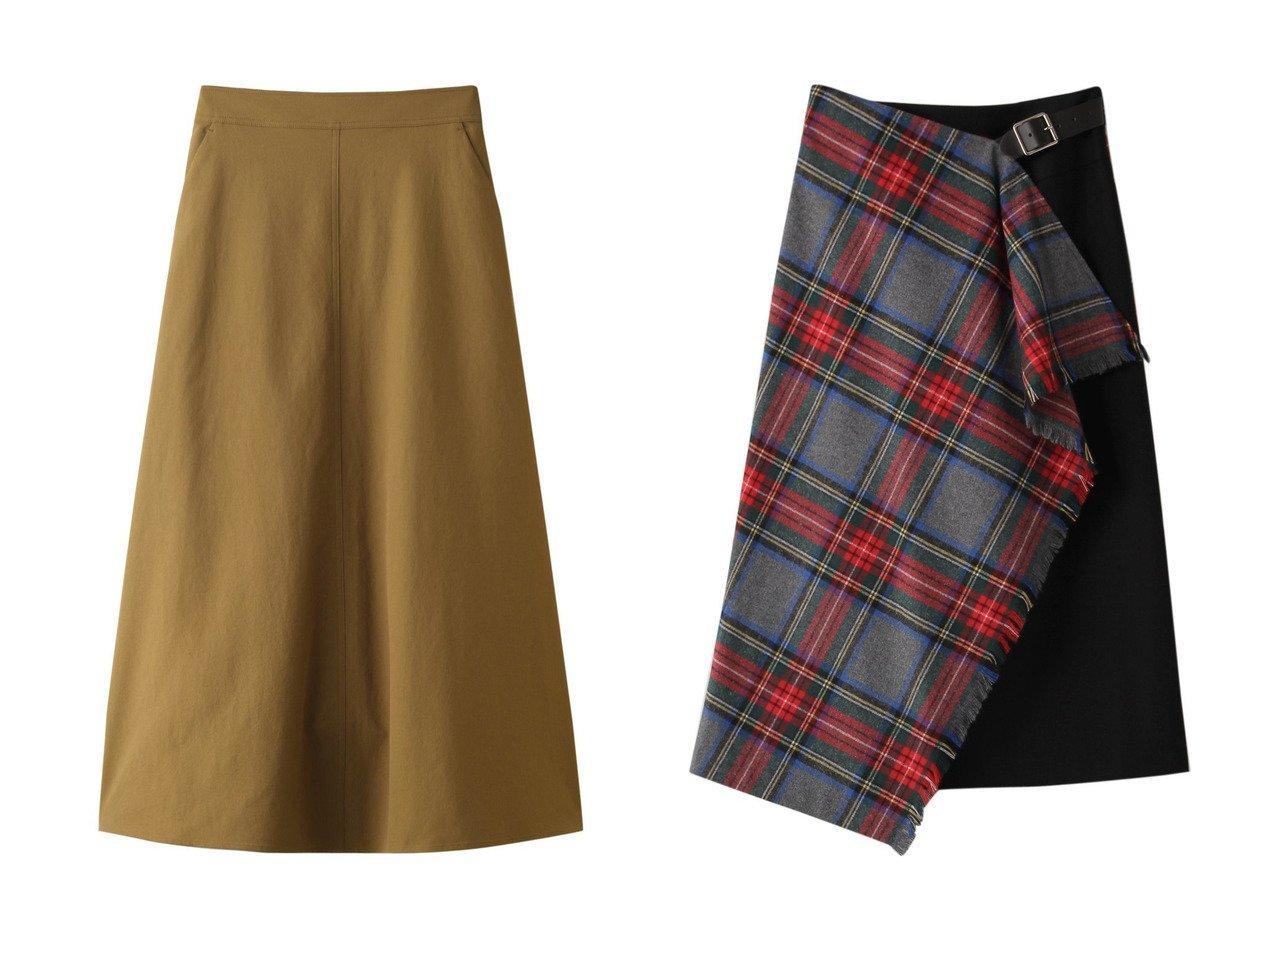 【Shinzone/シンゾーン】のRIRANCHARフレアスカート&【Curensology/カレンソロジー】の【O neil of Dublin】アシンメトリーラップスカート スカートのおすすめ!人気、レディースファッションの通販 おすすめで人気のファッション通販商品 インテリア・家具・キッズファッション・メンズファッション・レディースファッション・服の通販 founy(ファニー) https://founy.com/ ファッション Fashion レディース WOMEN スカート Skirt Aライン/フレアスカート Flared A-Line Skirts ロングスカート Long Skirt ガーリー フレア ロング |ID:crp329100000000071